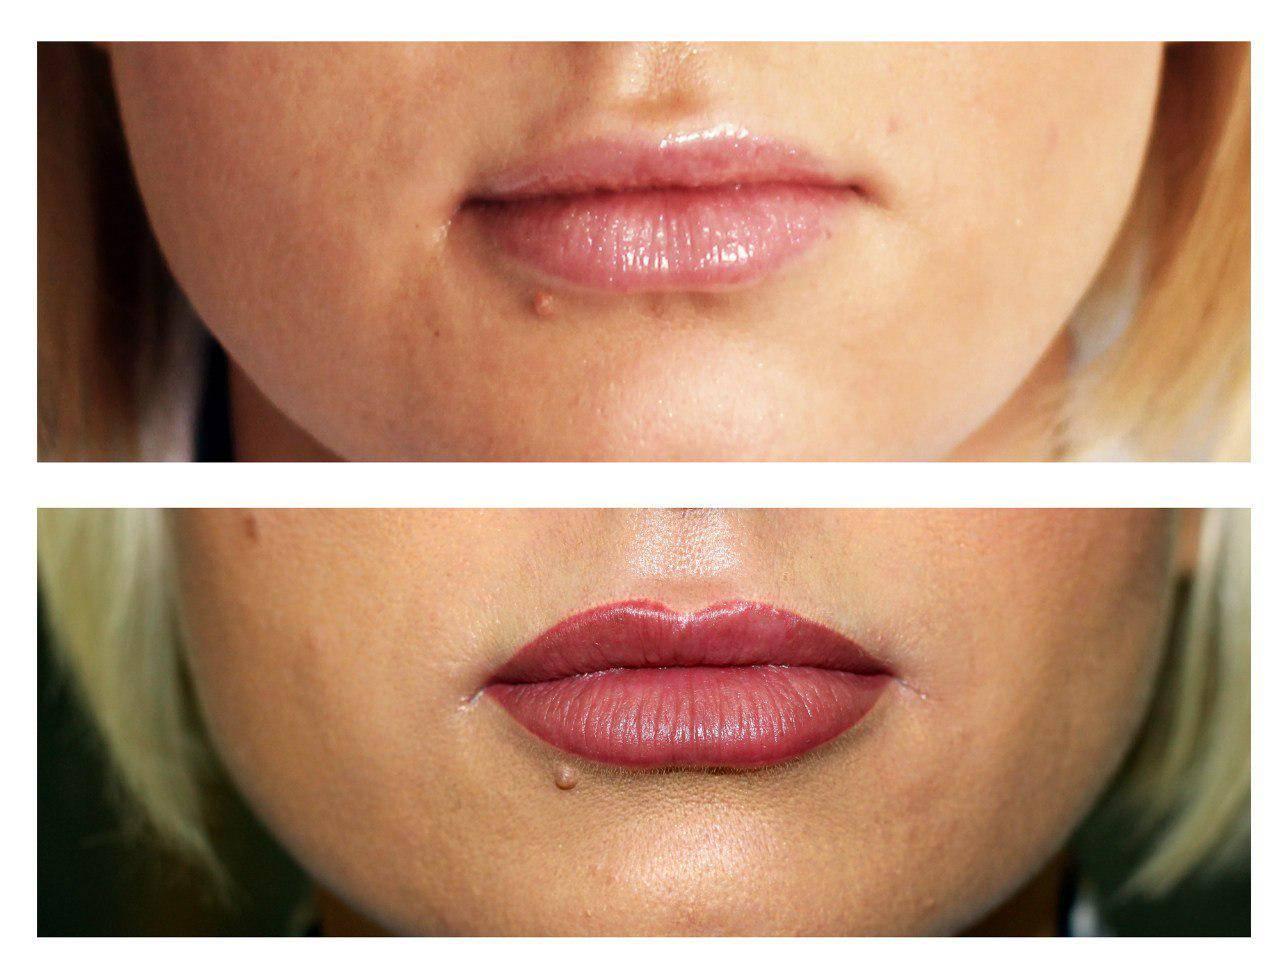 Татуаж губ: фото, до и после, акварельная техника, с растушевкой, цвета, техники, заживление, последствия